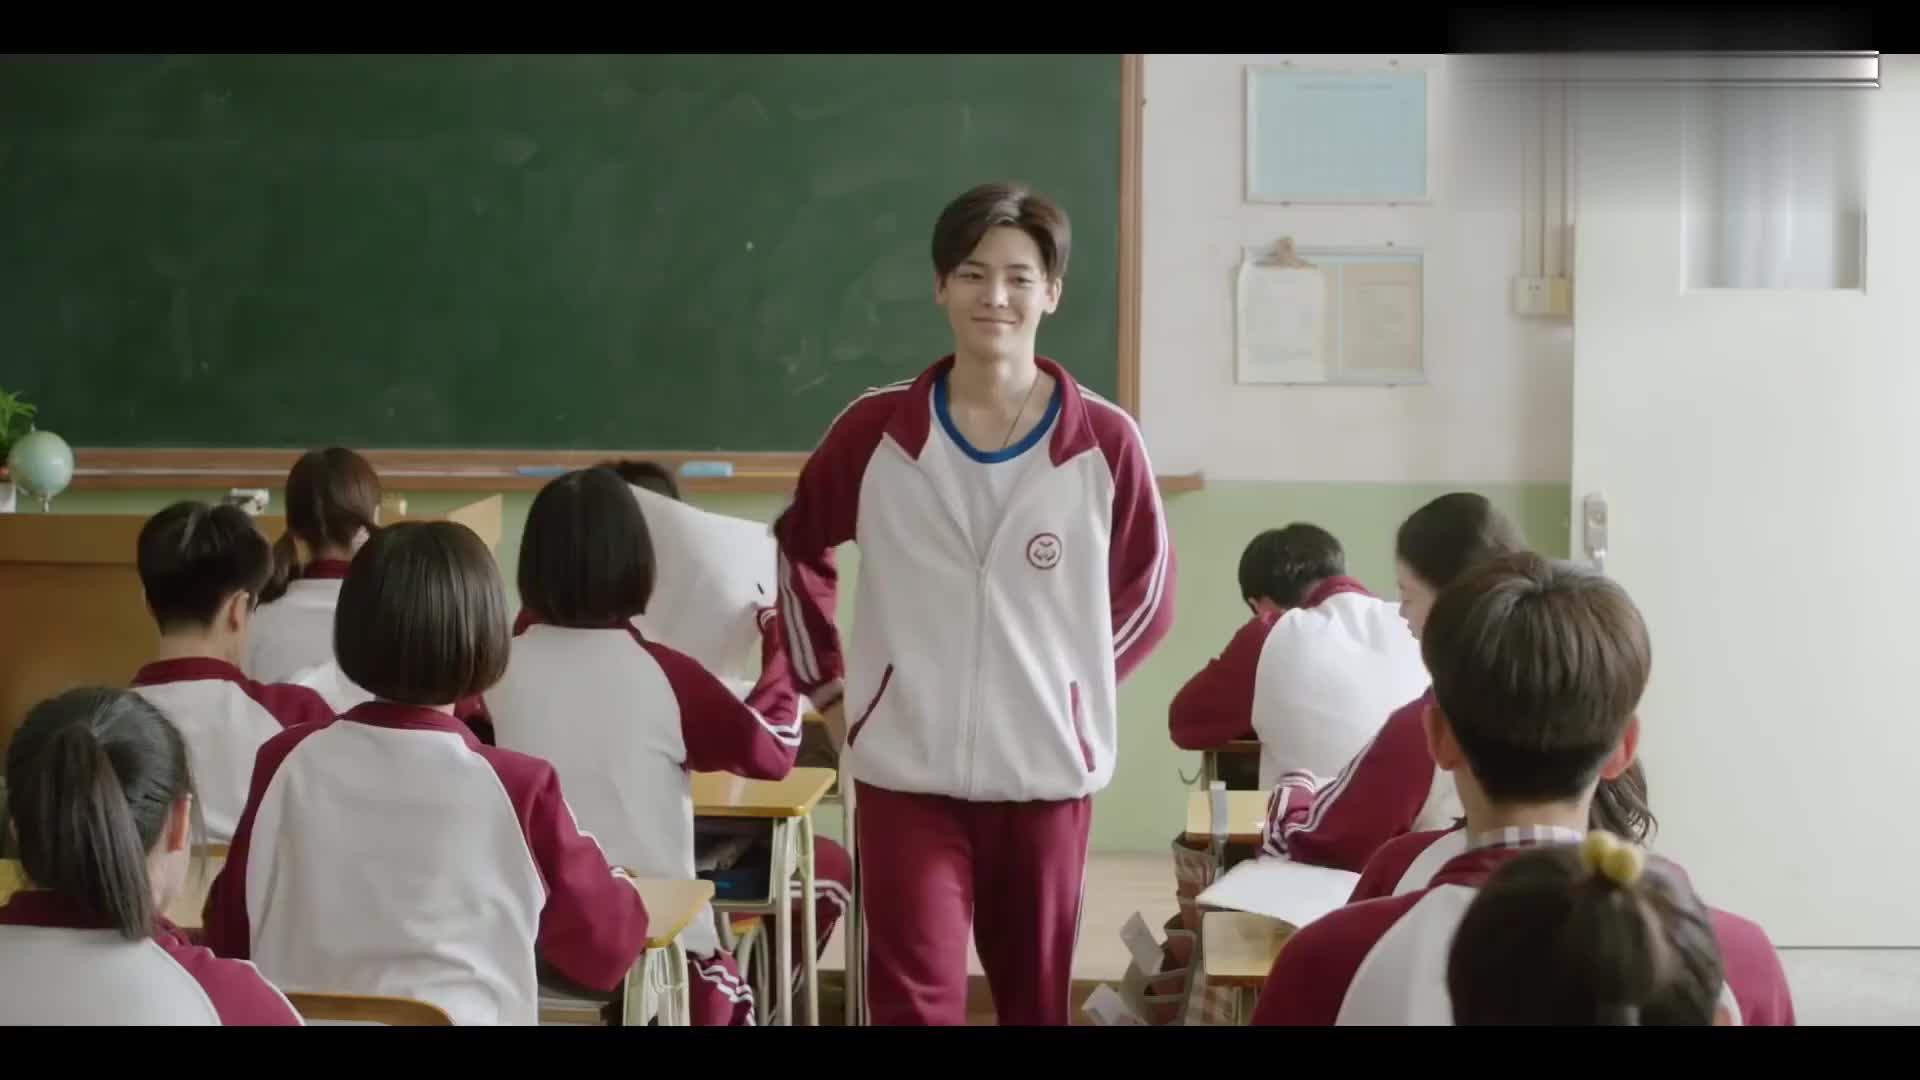 花彪成绩优秀,被老师选为监考员,看来杨夕作弊无望咯!